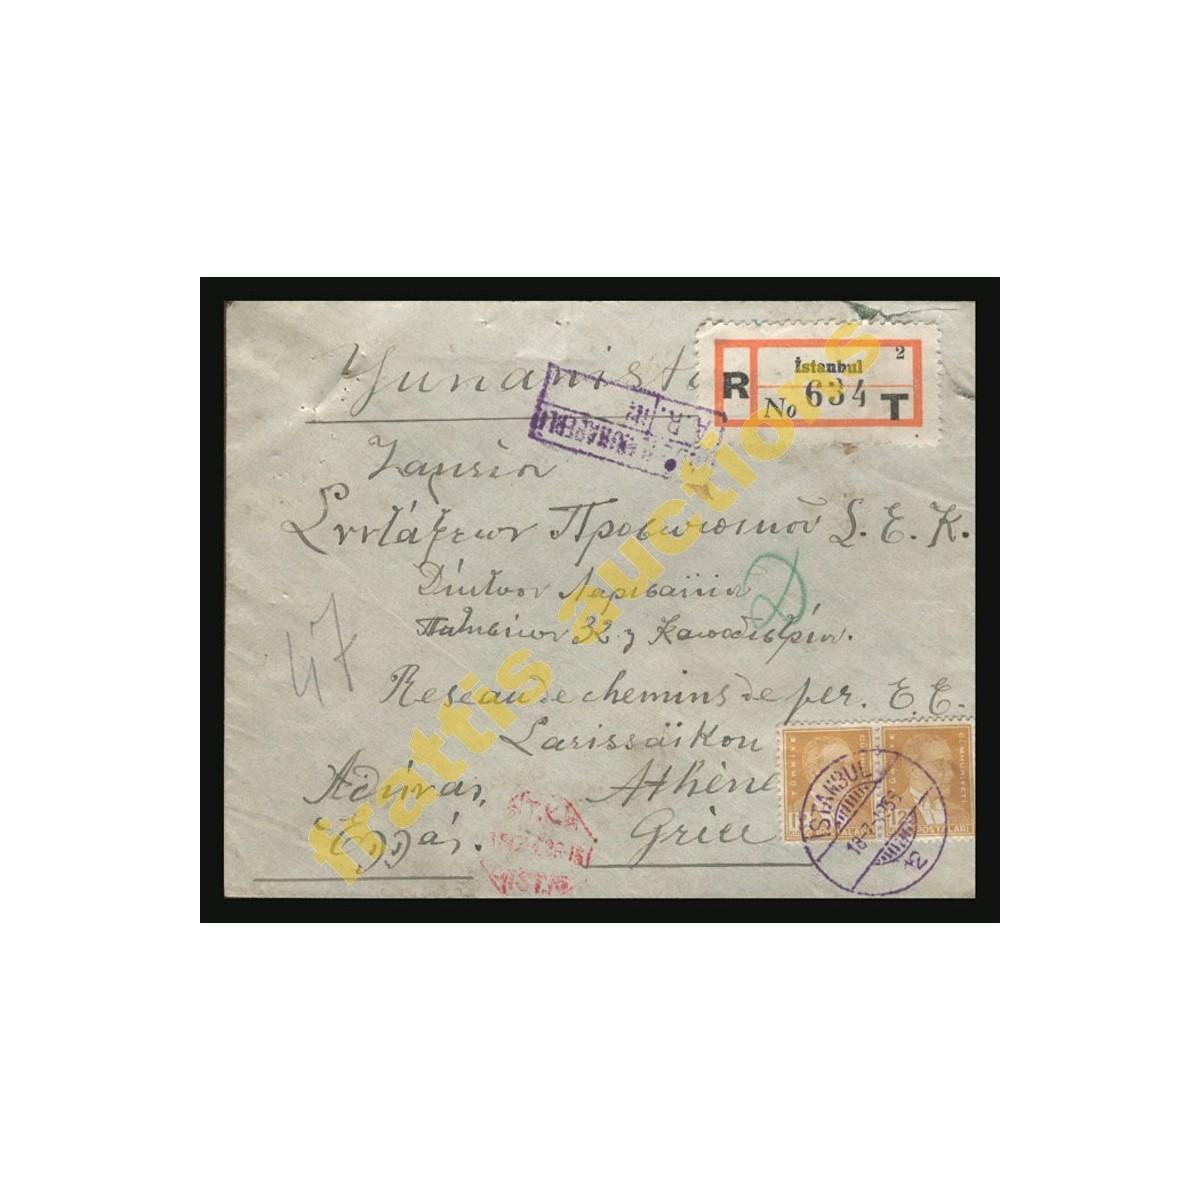 Φάκελος με σφραγίδες και γραμματόσημμα Τουρκίας 1959.